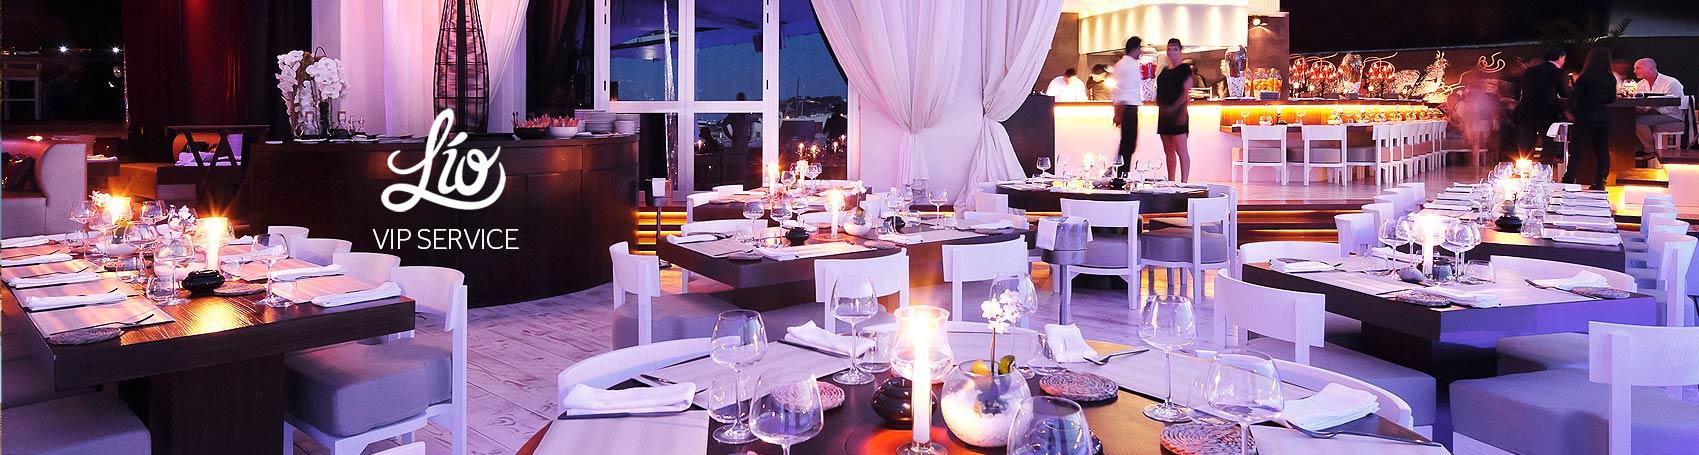 Servicio de reservas de mesas VIP Lio Pacha en Ibiza. Servicios VIP Ibiza. Consulting Services Ibiza